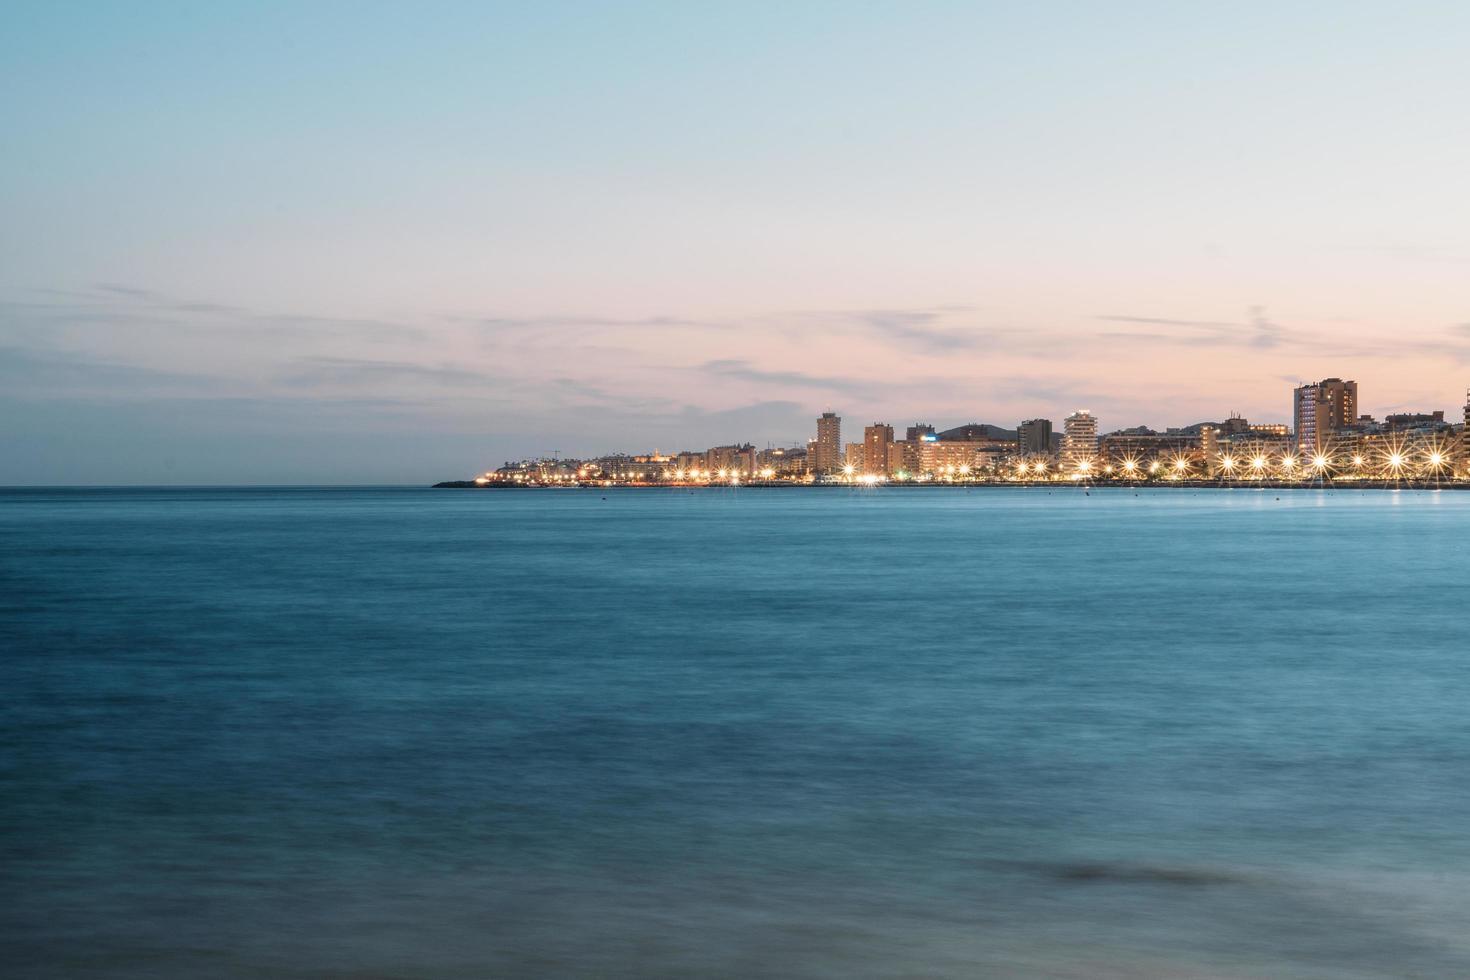 verlichte kustplaats foto